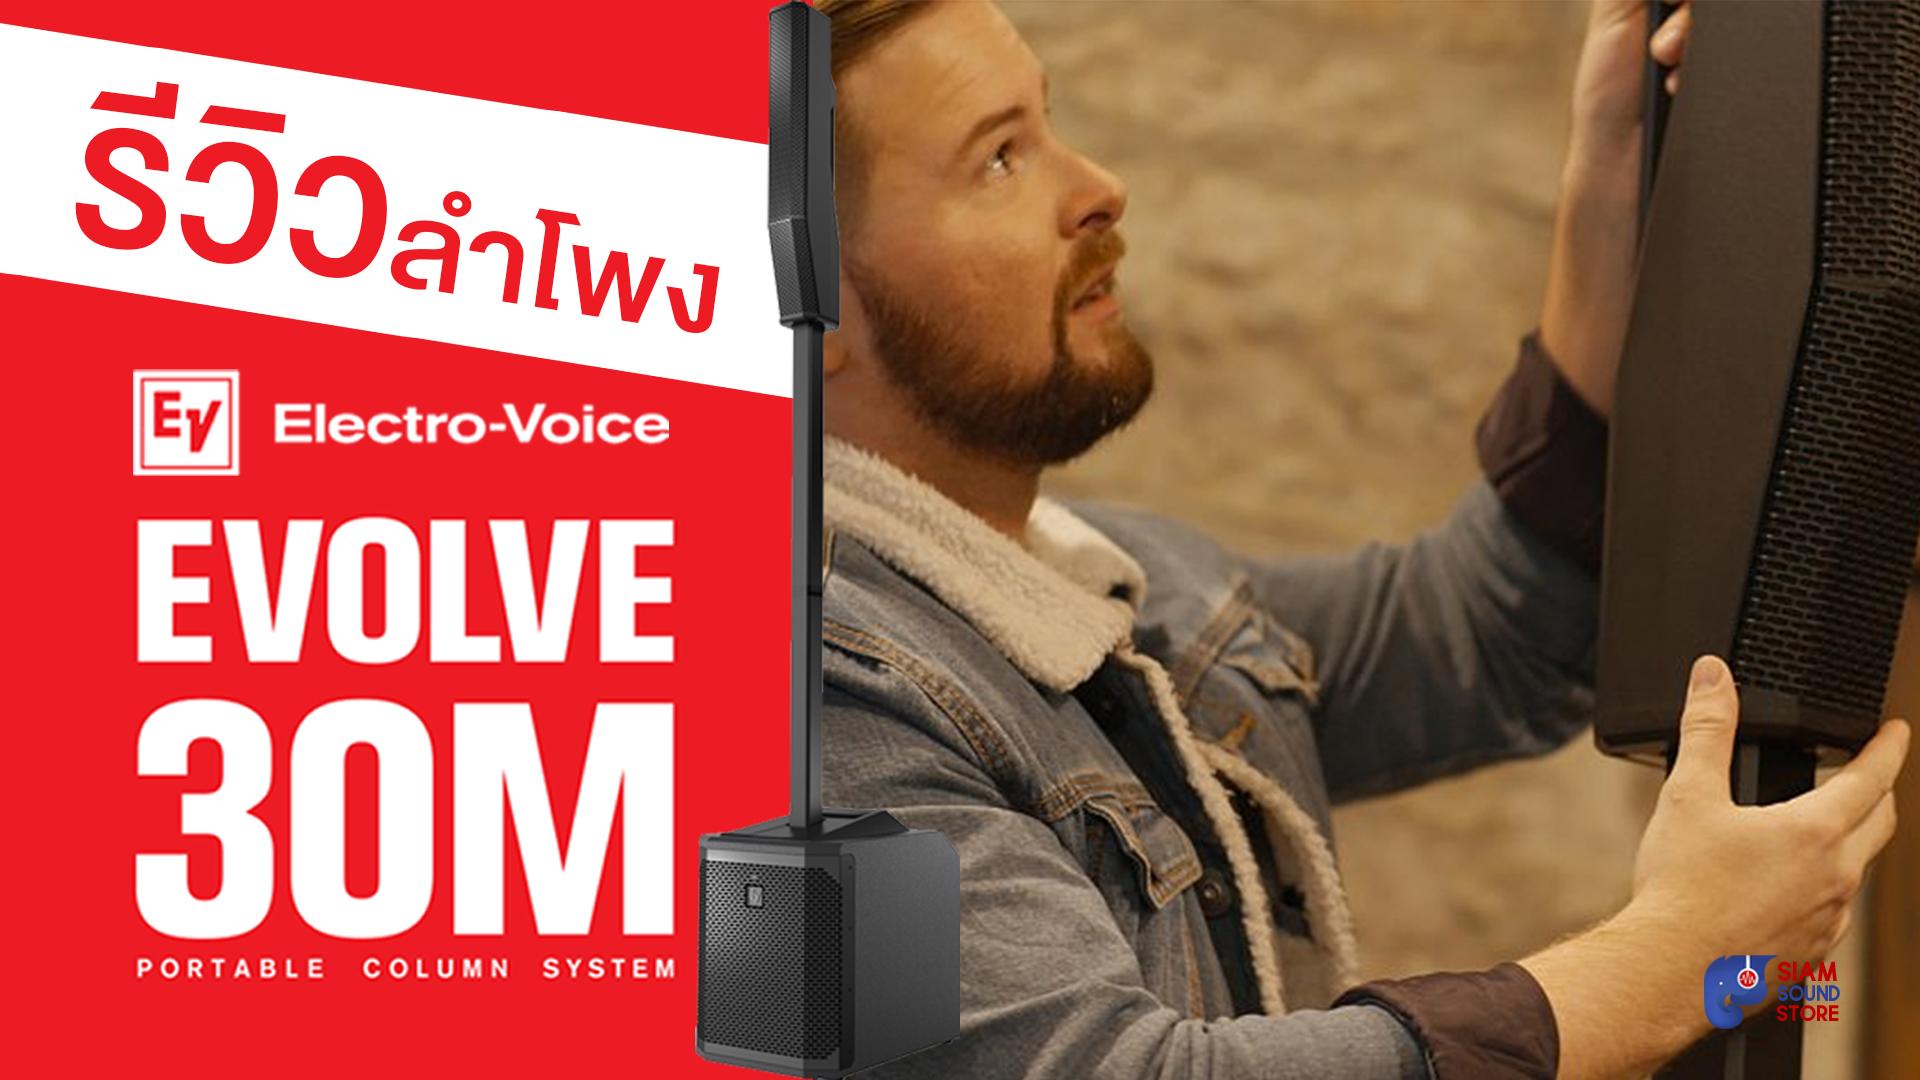 รีวิวลำโพง EV EVOLVE 30M | [สุดยอด]ลำโพงคอลัมน์ที่มีมิกซ์ดิจิตอลในตัว